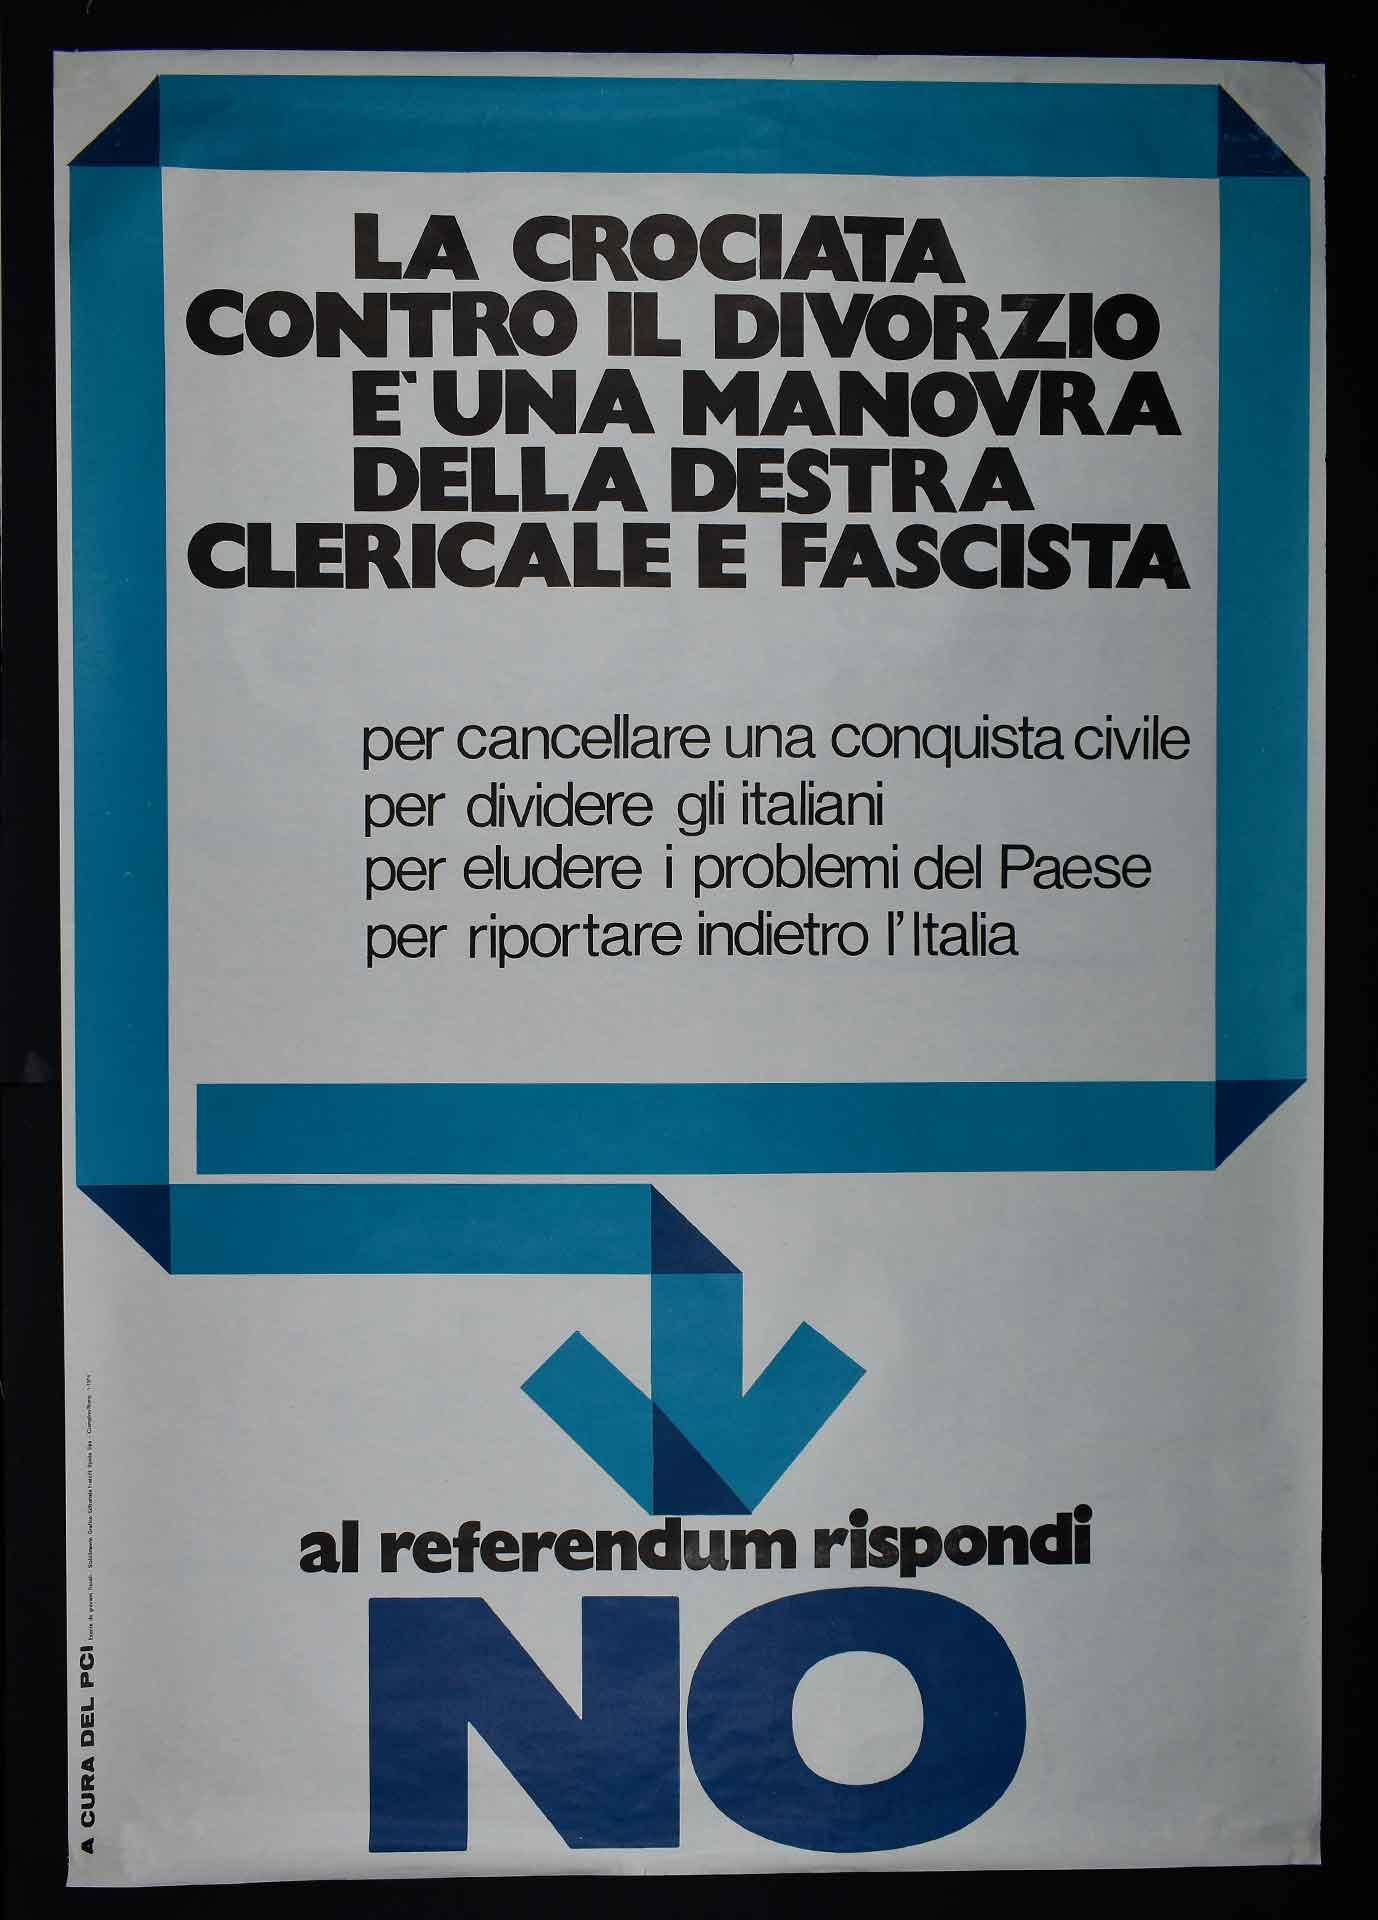 Il Partito comunista italiano (PCI) contro l'abrogazione della legge sul divorzio. Stampa Fratelli Spada stabilimento grafico editoriale, Ciampino (Roma). Campagna referendaria.